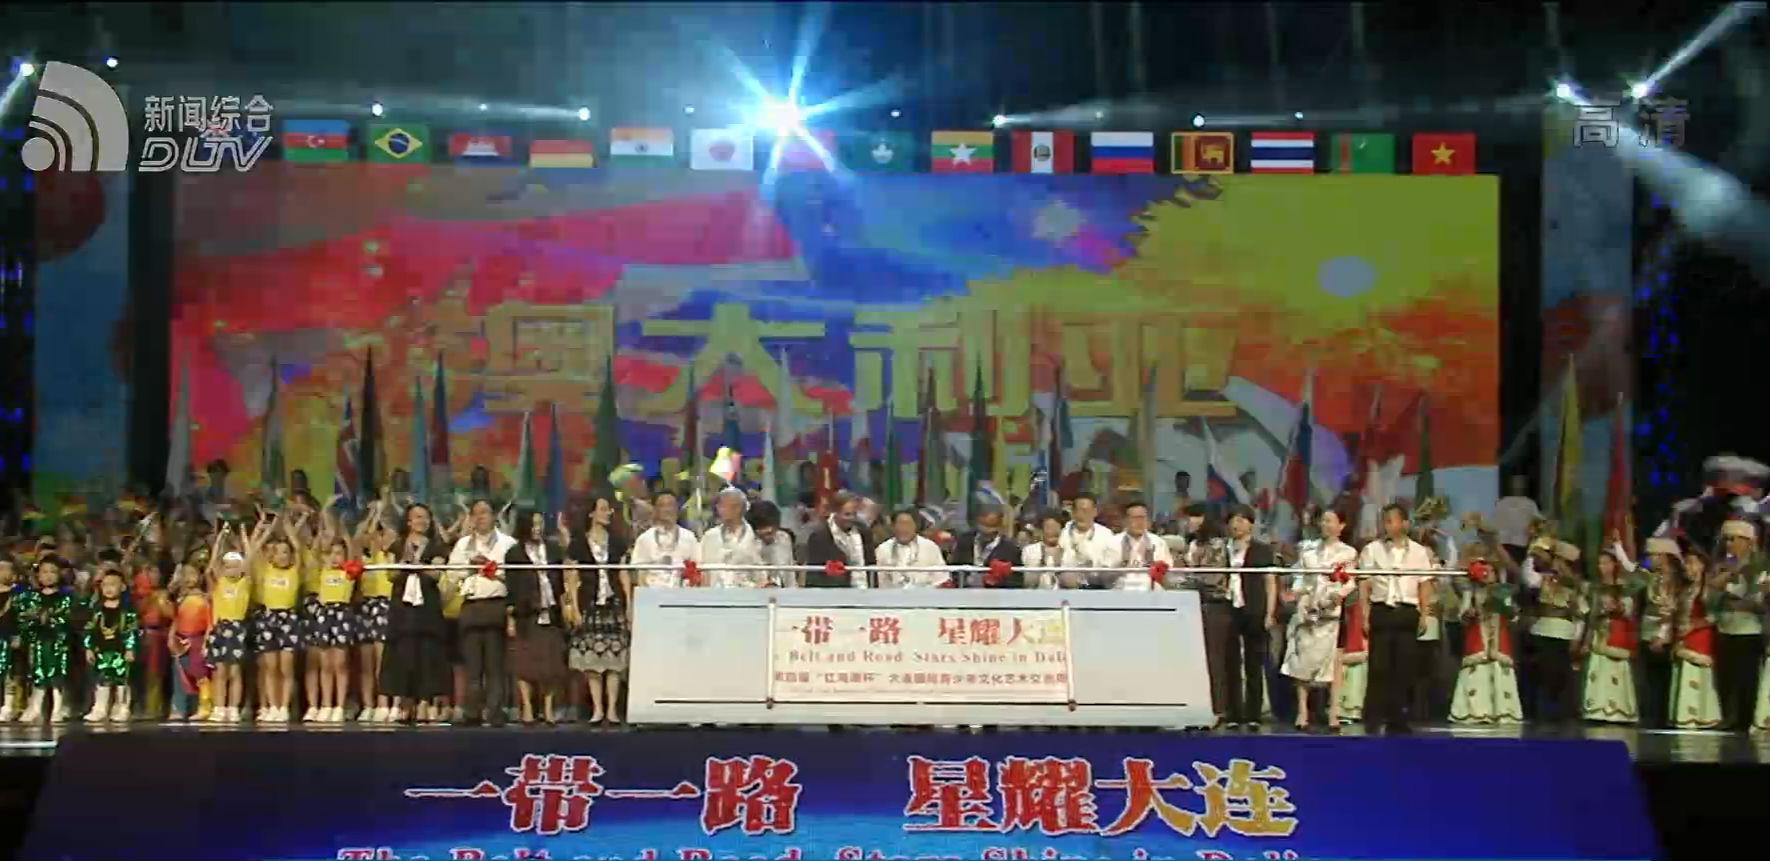 大连国际青少年文化艺术交流周开幕